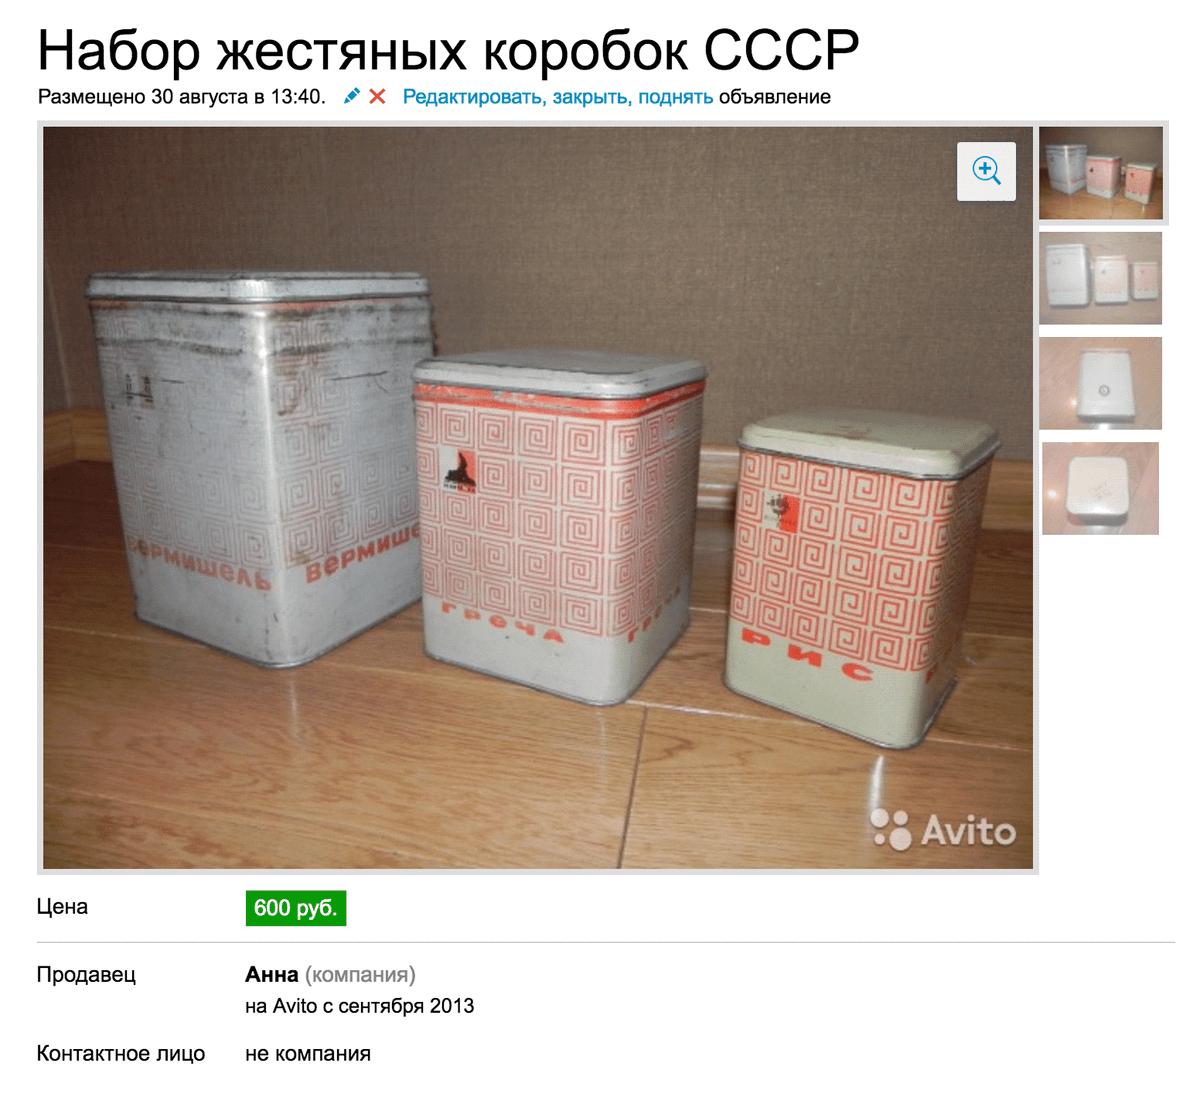 Это объявление о продаже жестяных банок за 600<span class=ruble>Р</span> обновлялось два года, и продавец никак не мог их продать